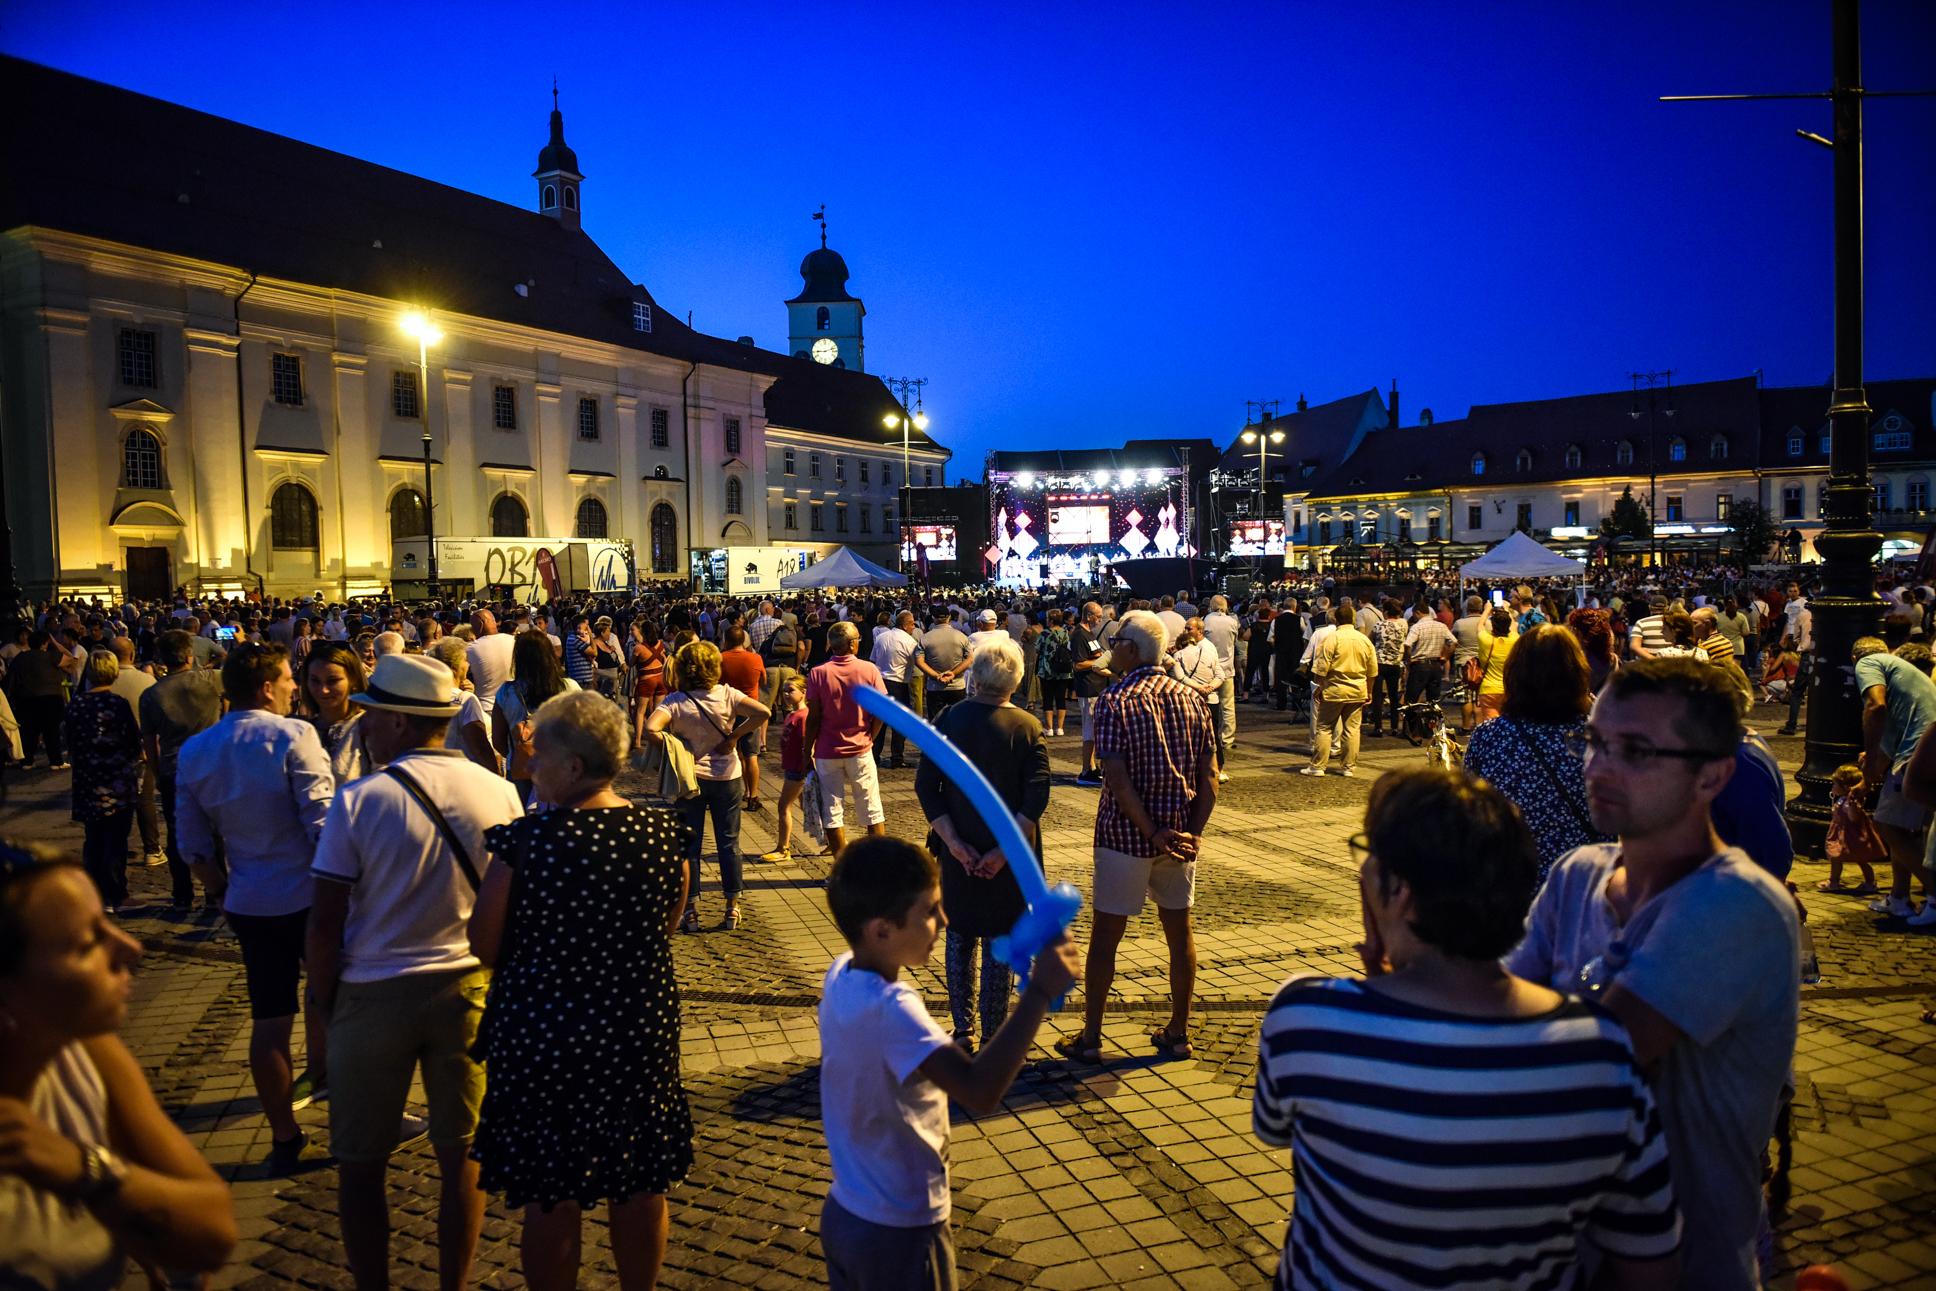 21 cazuri noi la Sibiu. Numărul internărilor continuă să crească